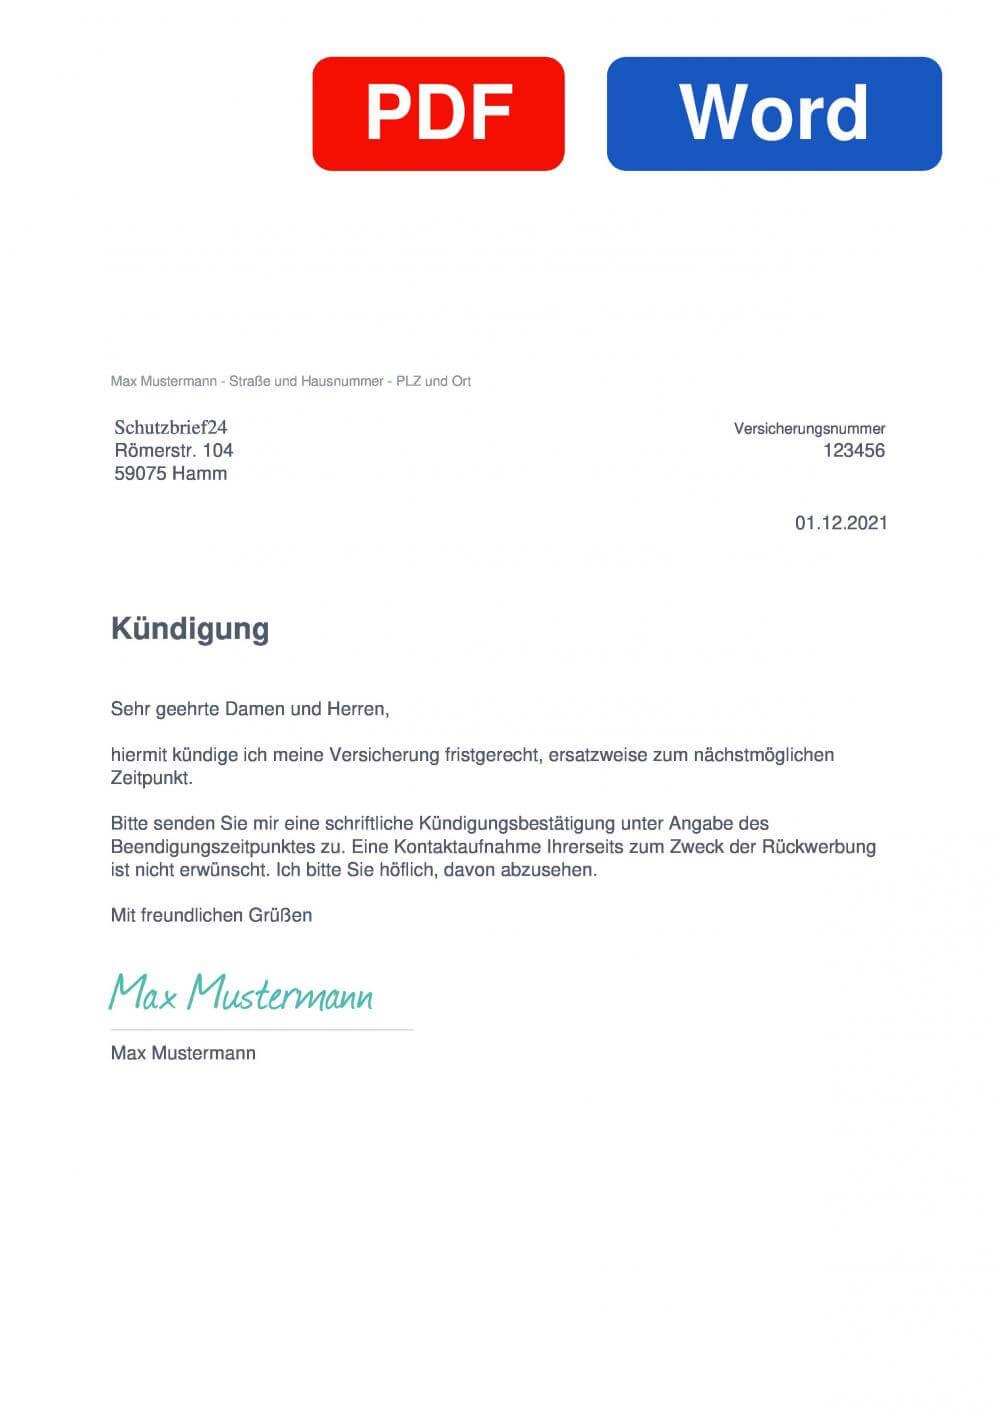 Schutzbrief24 Muster Vorlage für Kündigungsschreiben